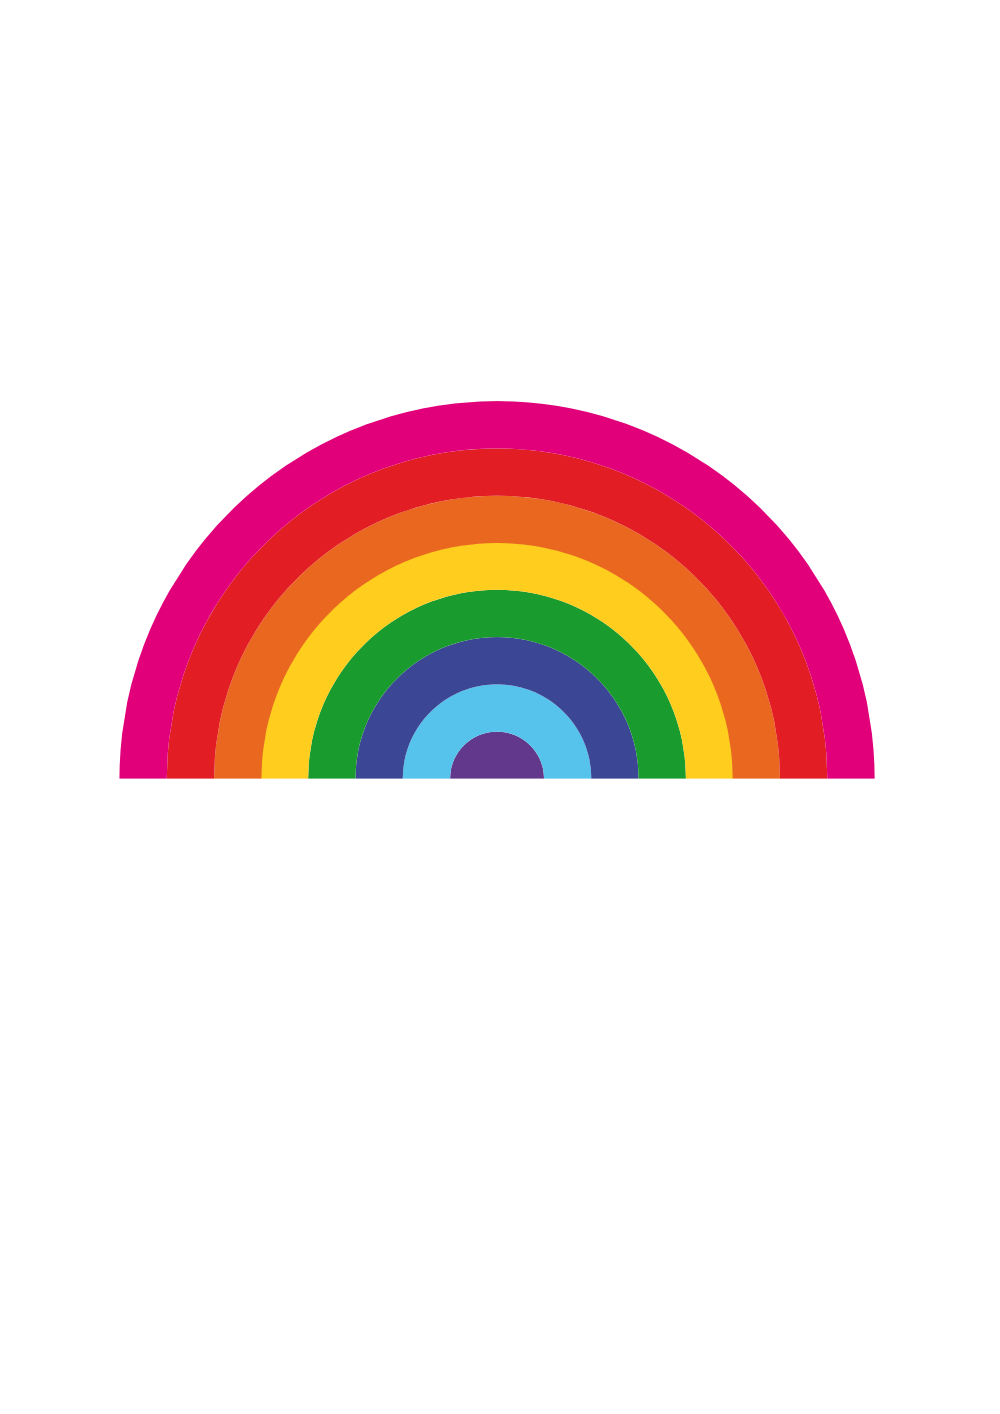 Clipart park rainbow. Onlinelabels clip art ostadarra